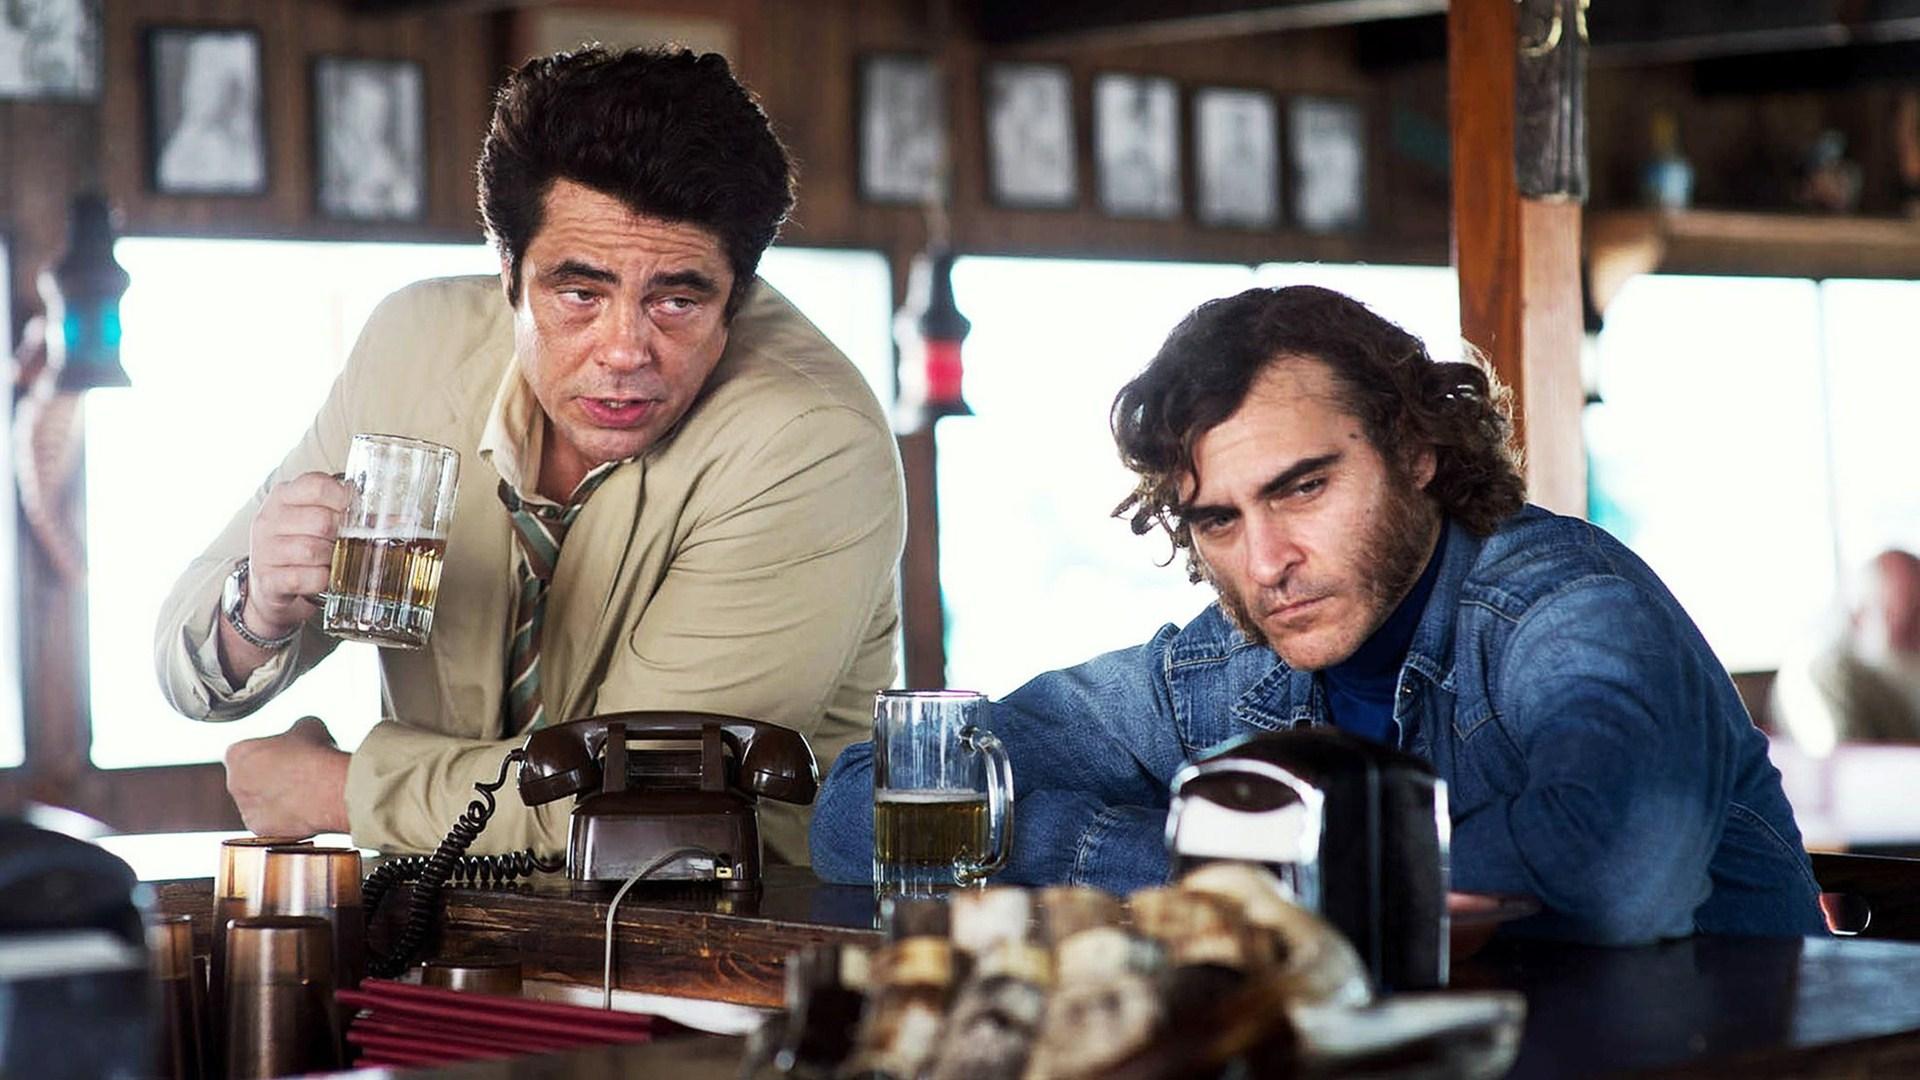 INHERENT VICE - Joaquin Phoenix Benecio del Toro 2015 movie - Go with the Blog